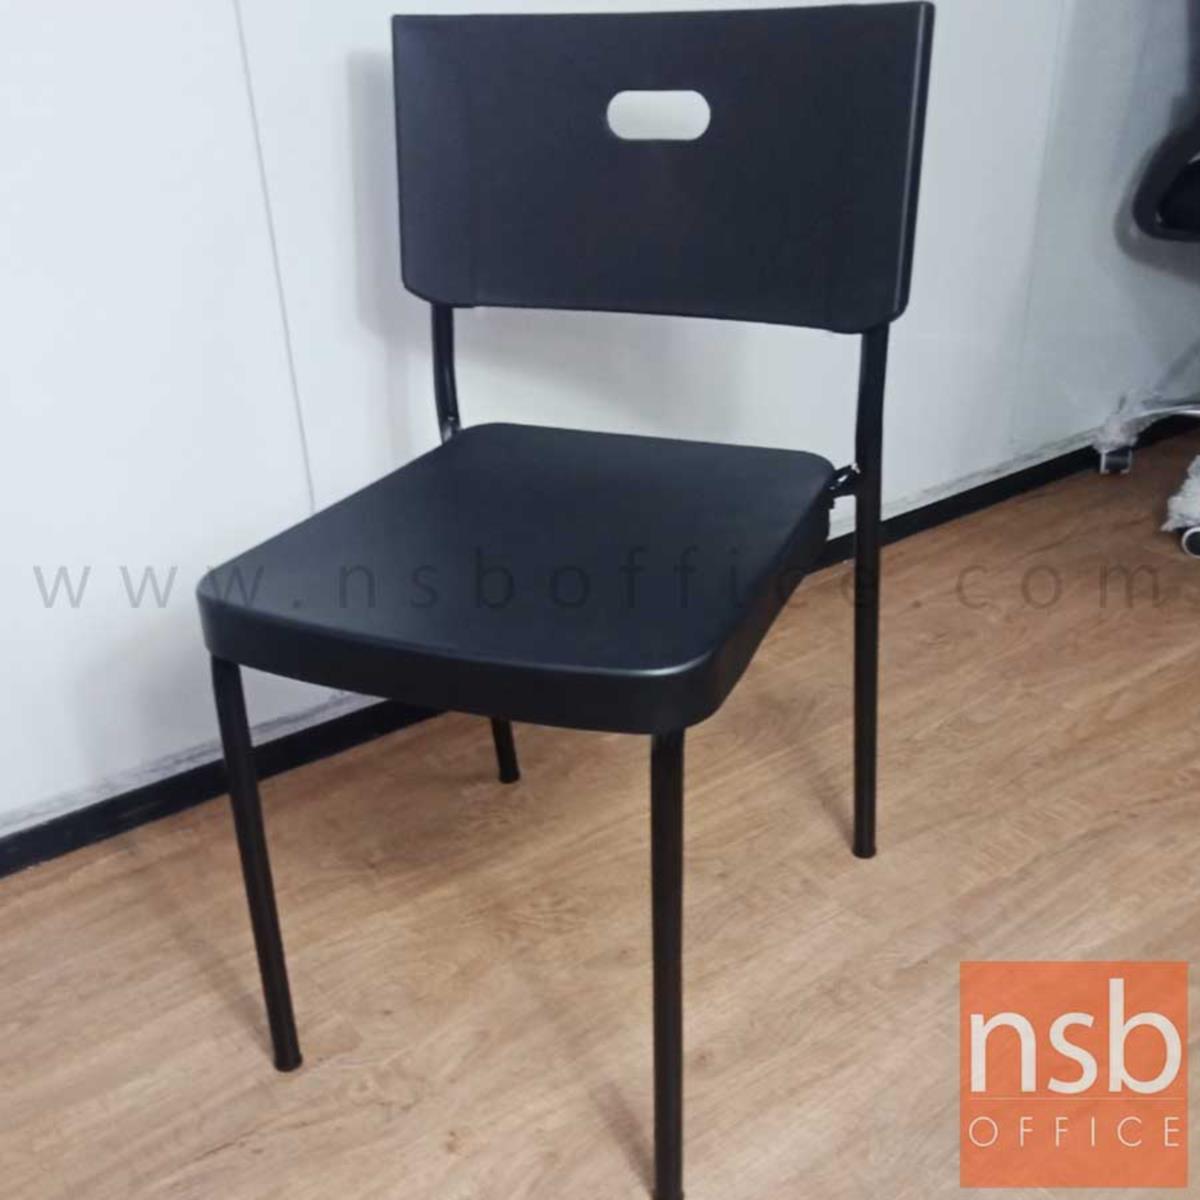 เก้าอี้อเนกประสงค์พลาสติก รุ่น Collins (คอลลินส์)  โครงเหล็กพ่นสี